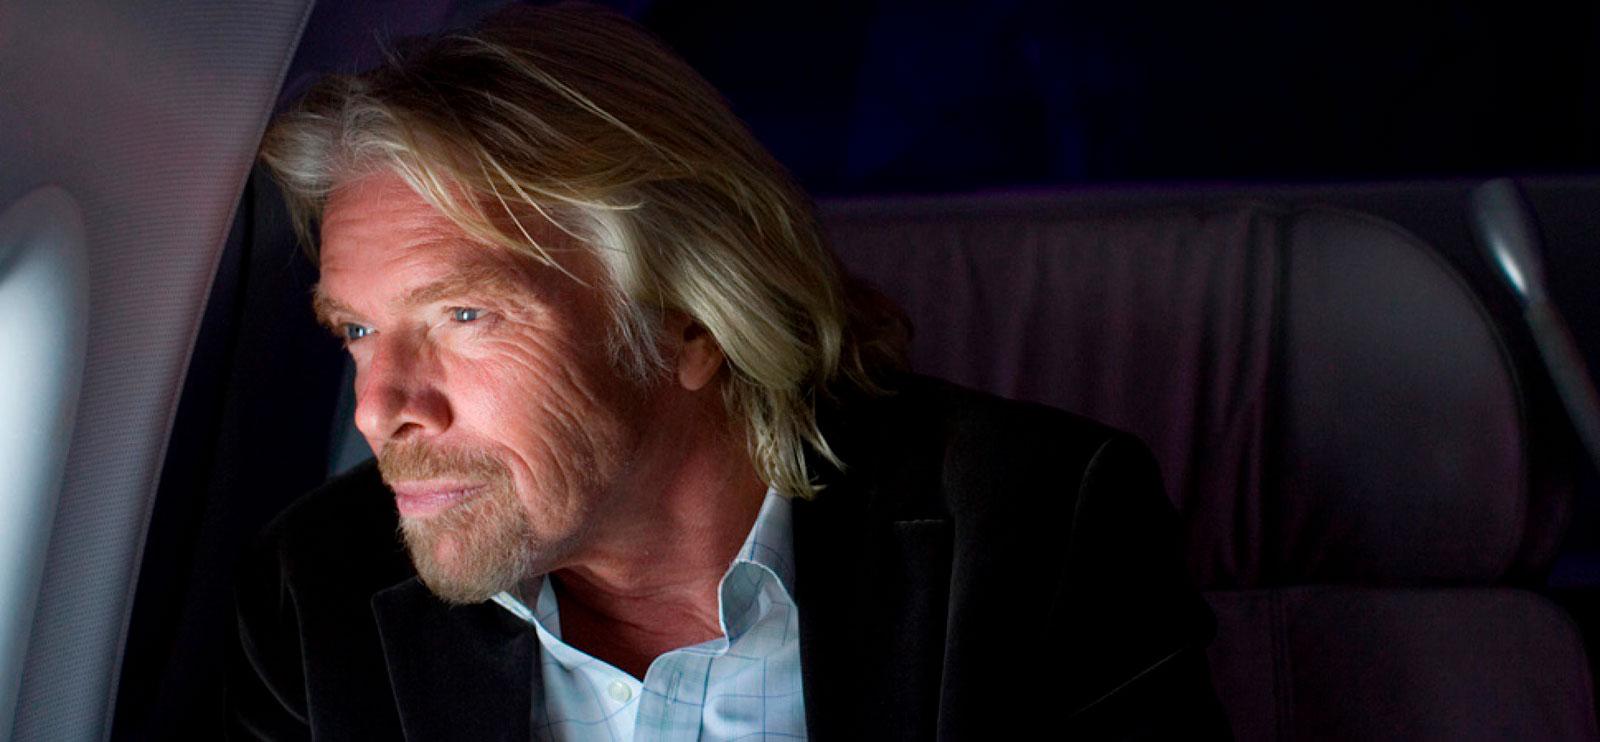 Empresário Richard Branson à janela de um avião, um dos grandes líderes desta geração.